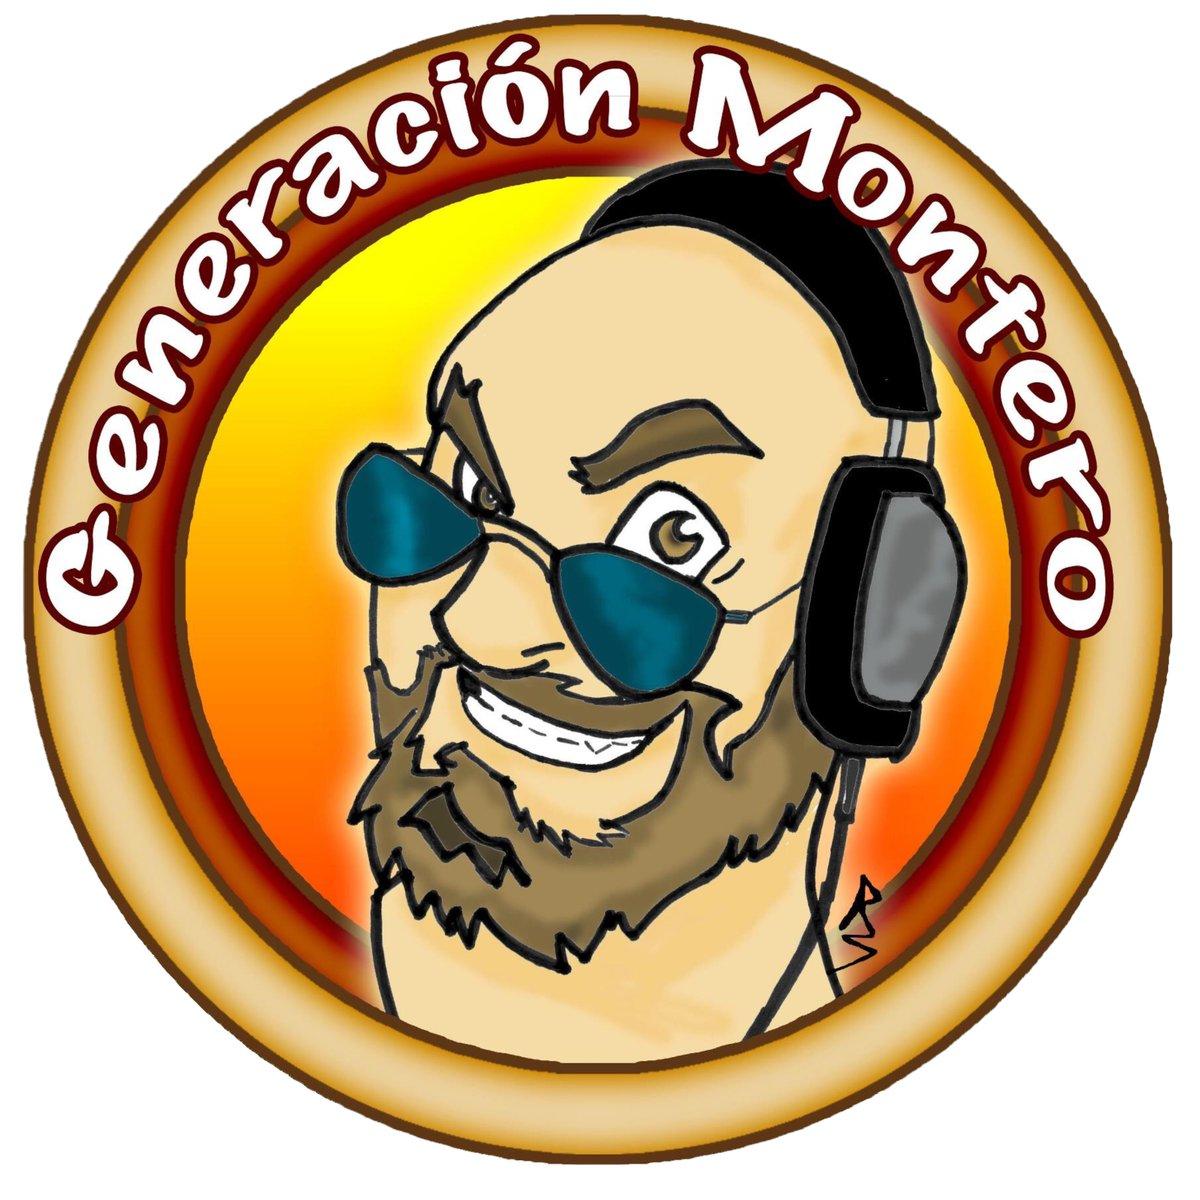 Generación Montero 02-02-2018